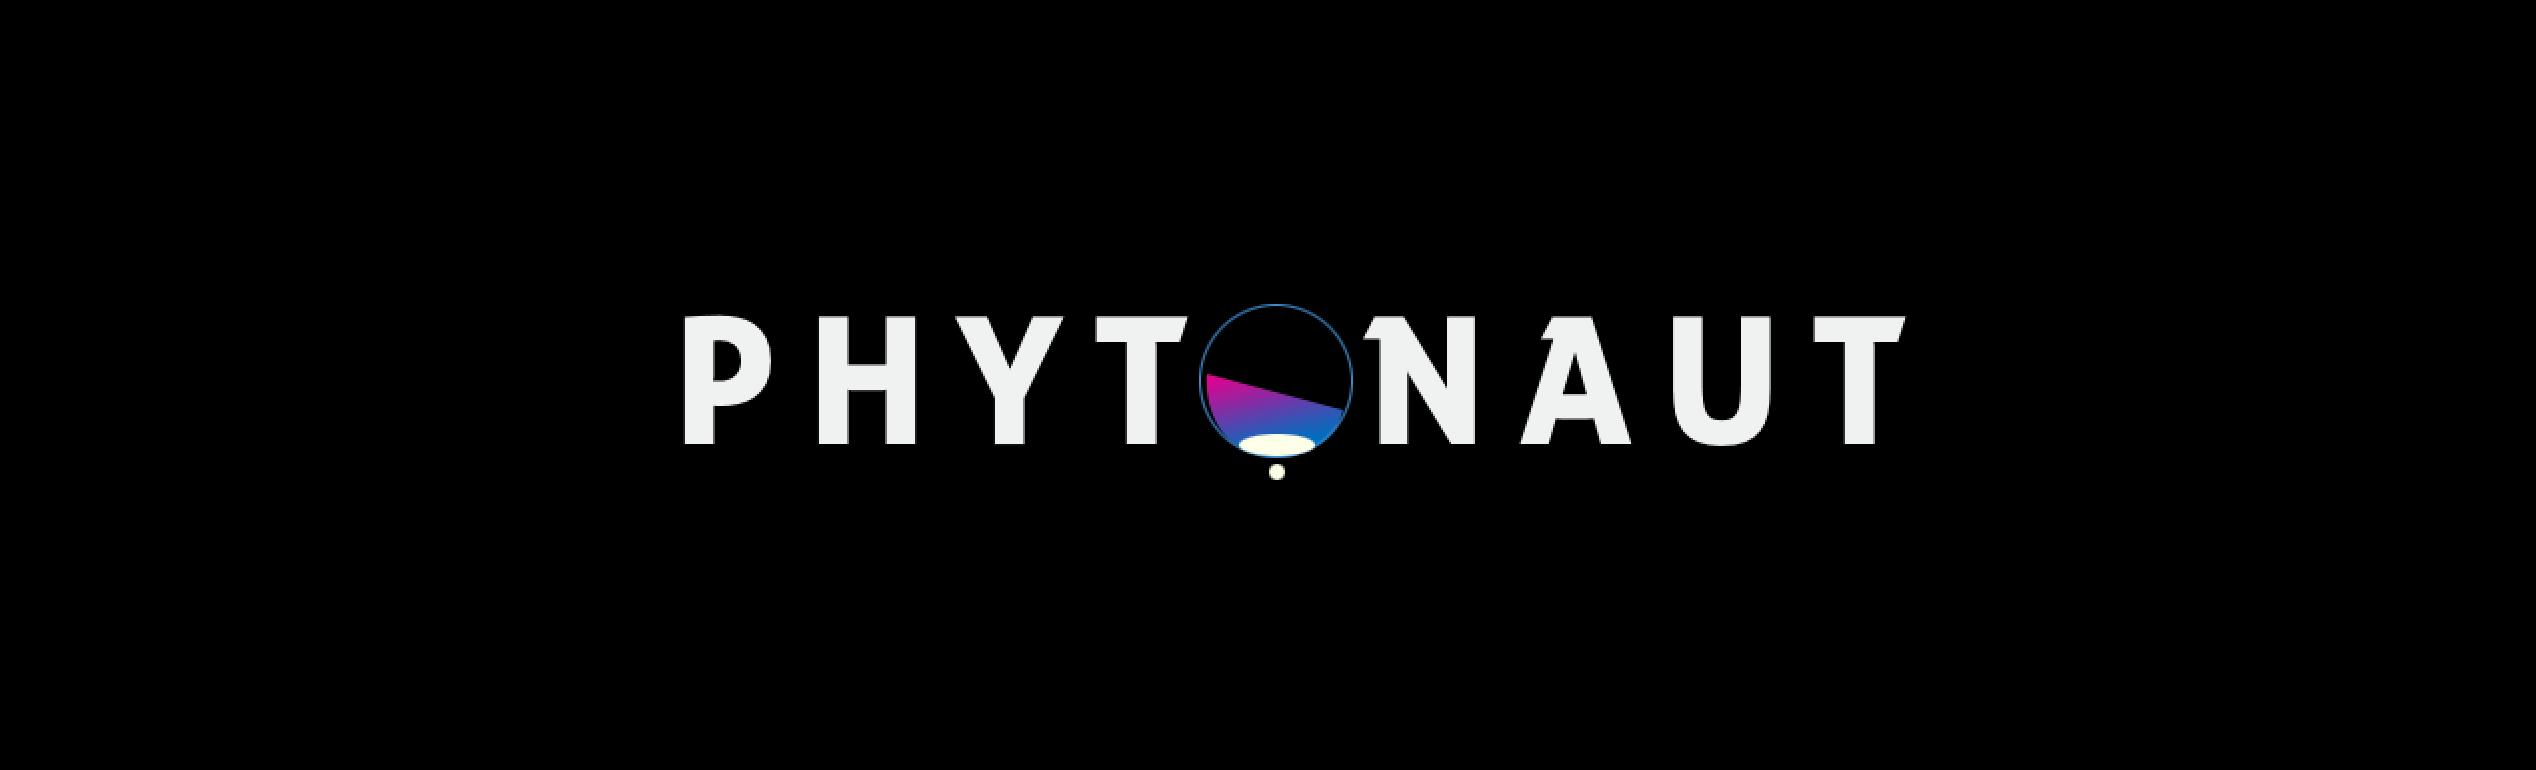 Phytonaut